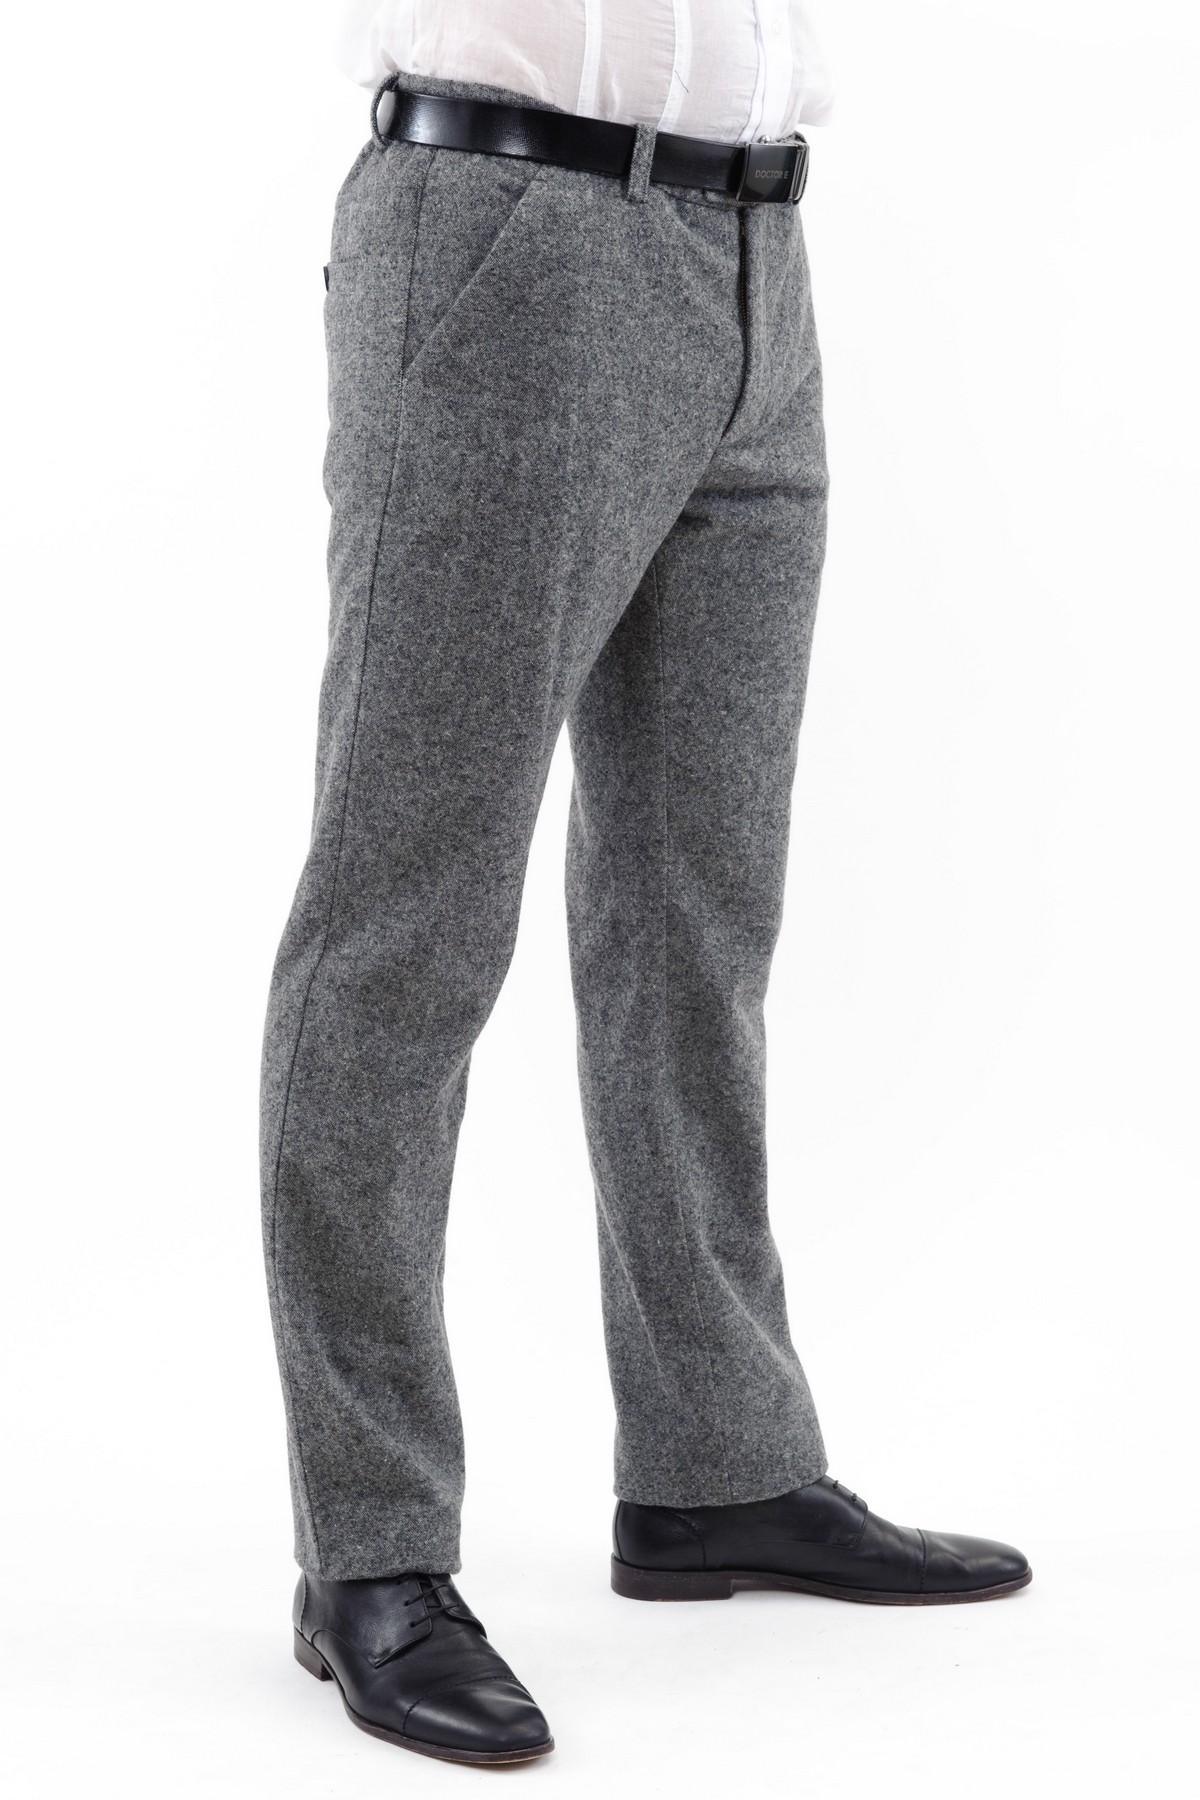 БрюкиБрюки, джинсы, шорты от производителя<br>Стильные брюки эффектного однотонного оттенка. Модель прямого силуэта не стесняет движений. Благодаря лаконичному дизайну эти брюки превосходно гармонируют с любой одеждой.<br><br>Цвет: серый<br>Состав: 80% шерсть, 20% полиэстер, подкладка 100% полиэстер<br>Размер: 52,54,56,58<br>Страна дизайна: Россия<br>Страна производства: Россия